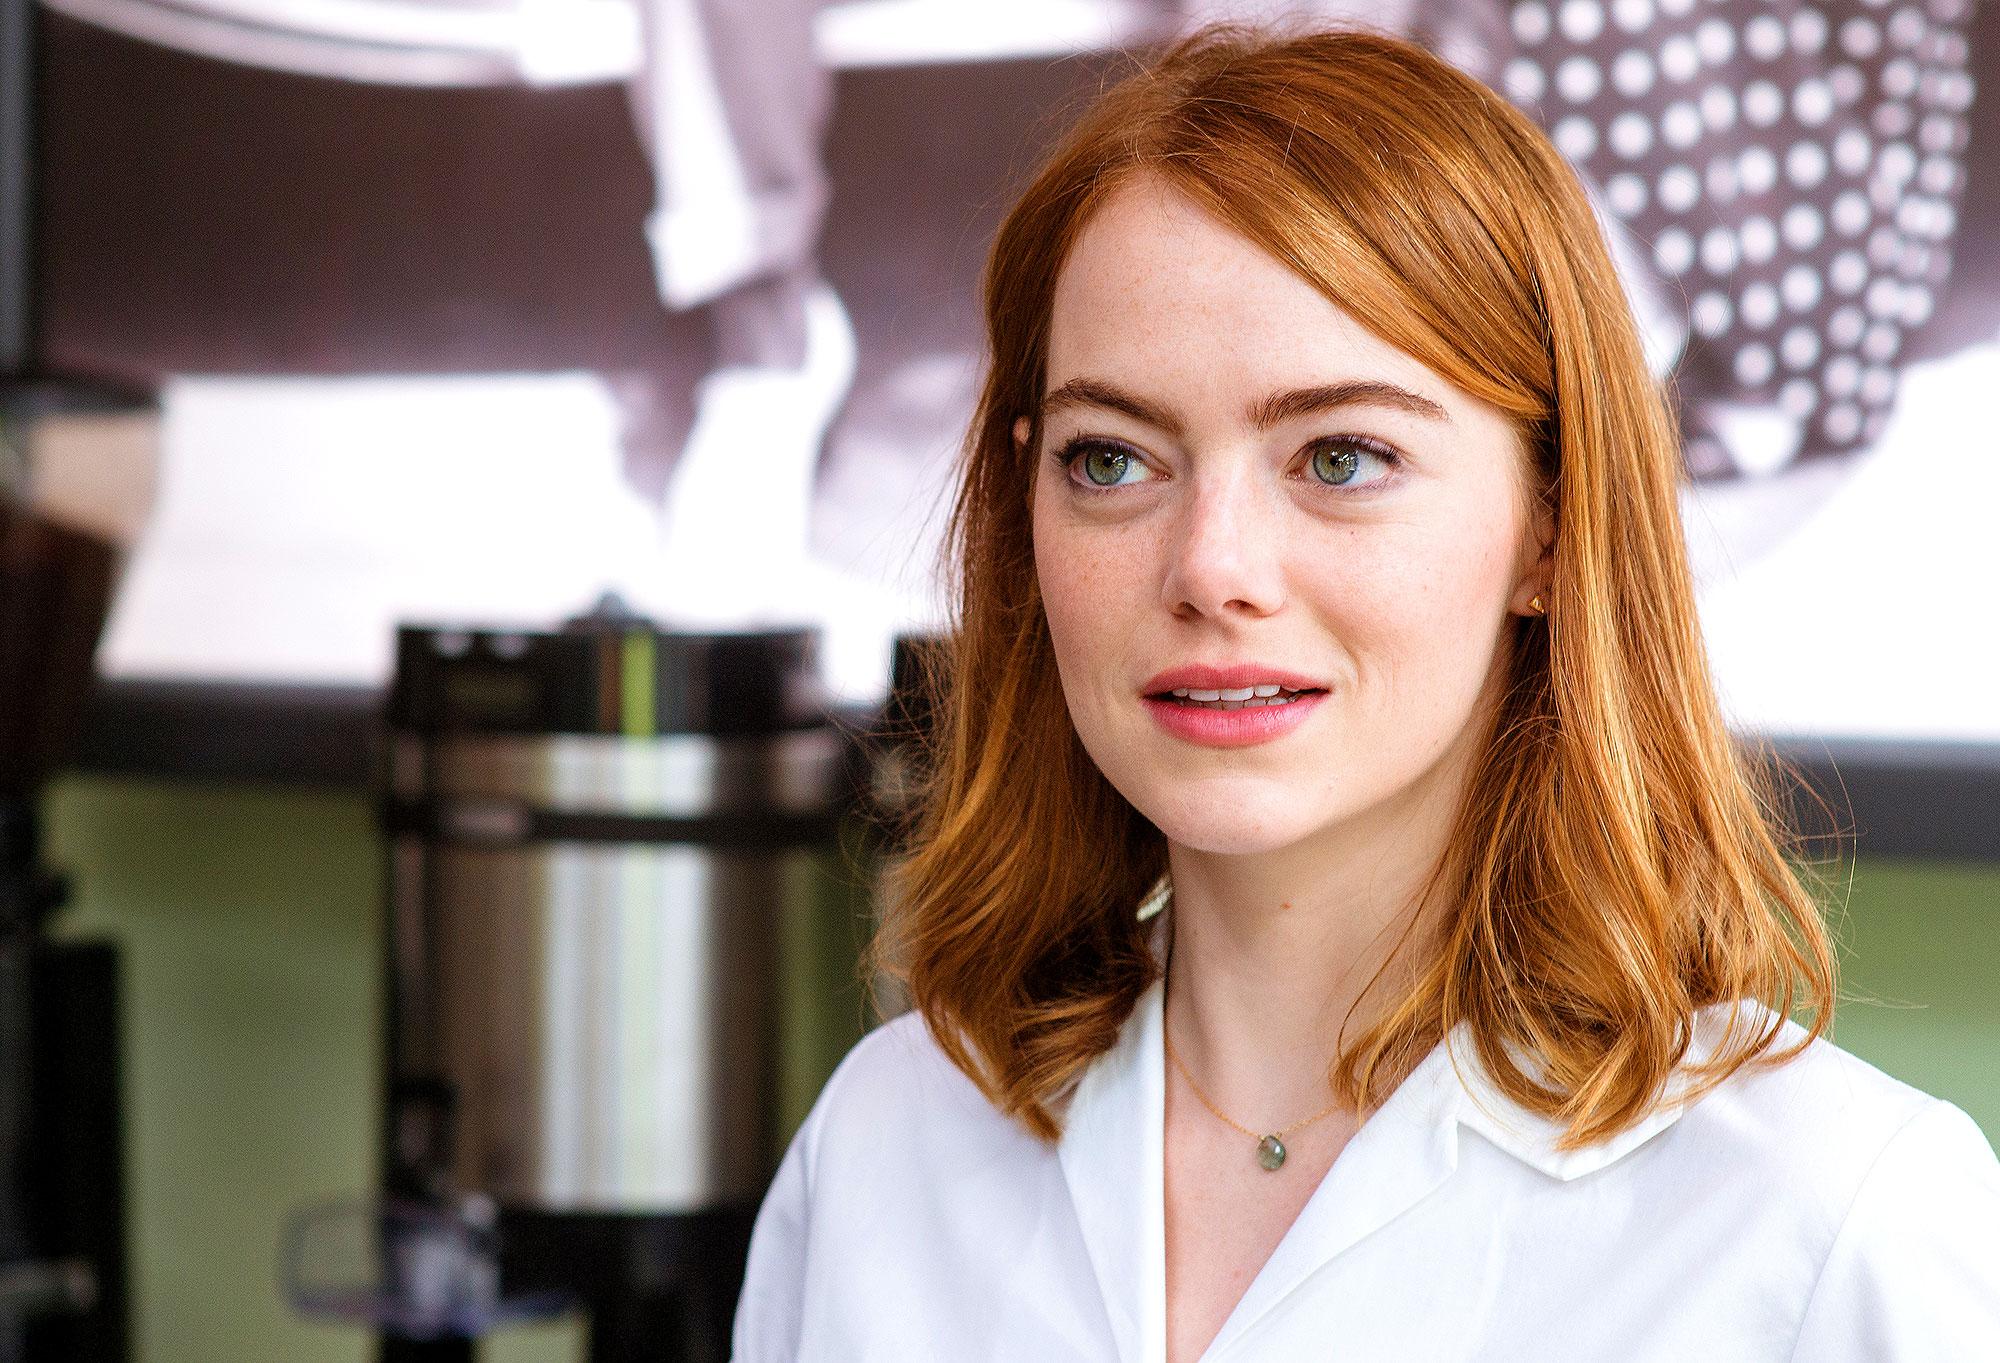 Emma Stone as Mia in La La Land